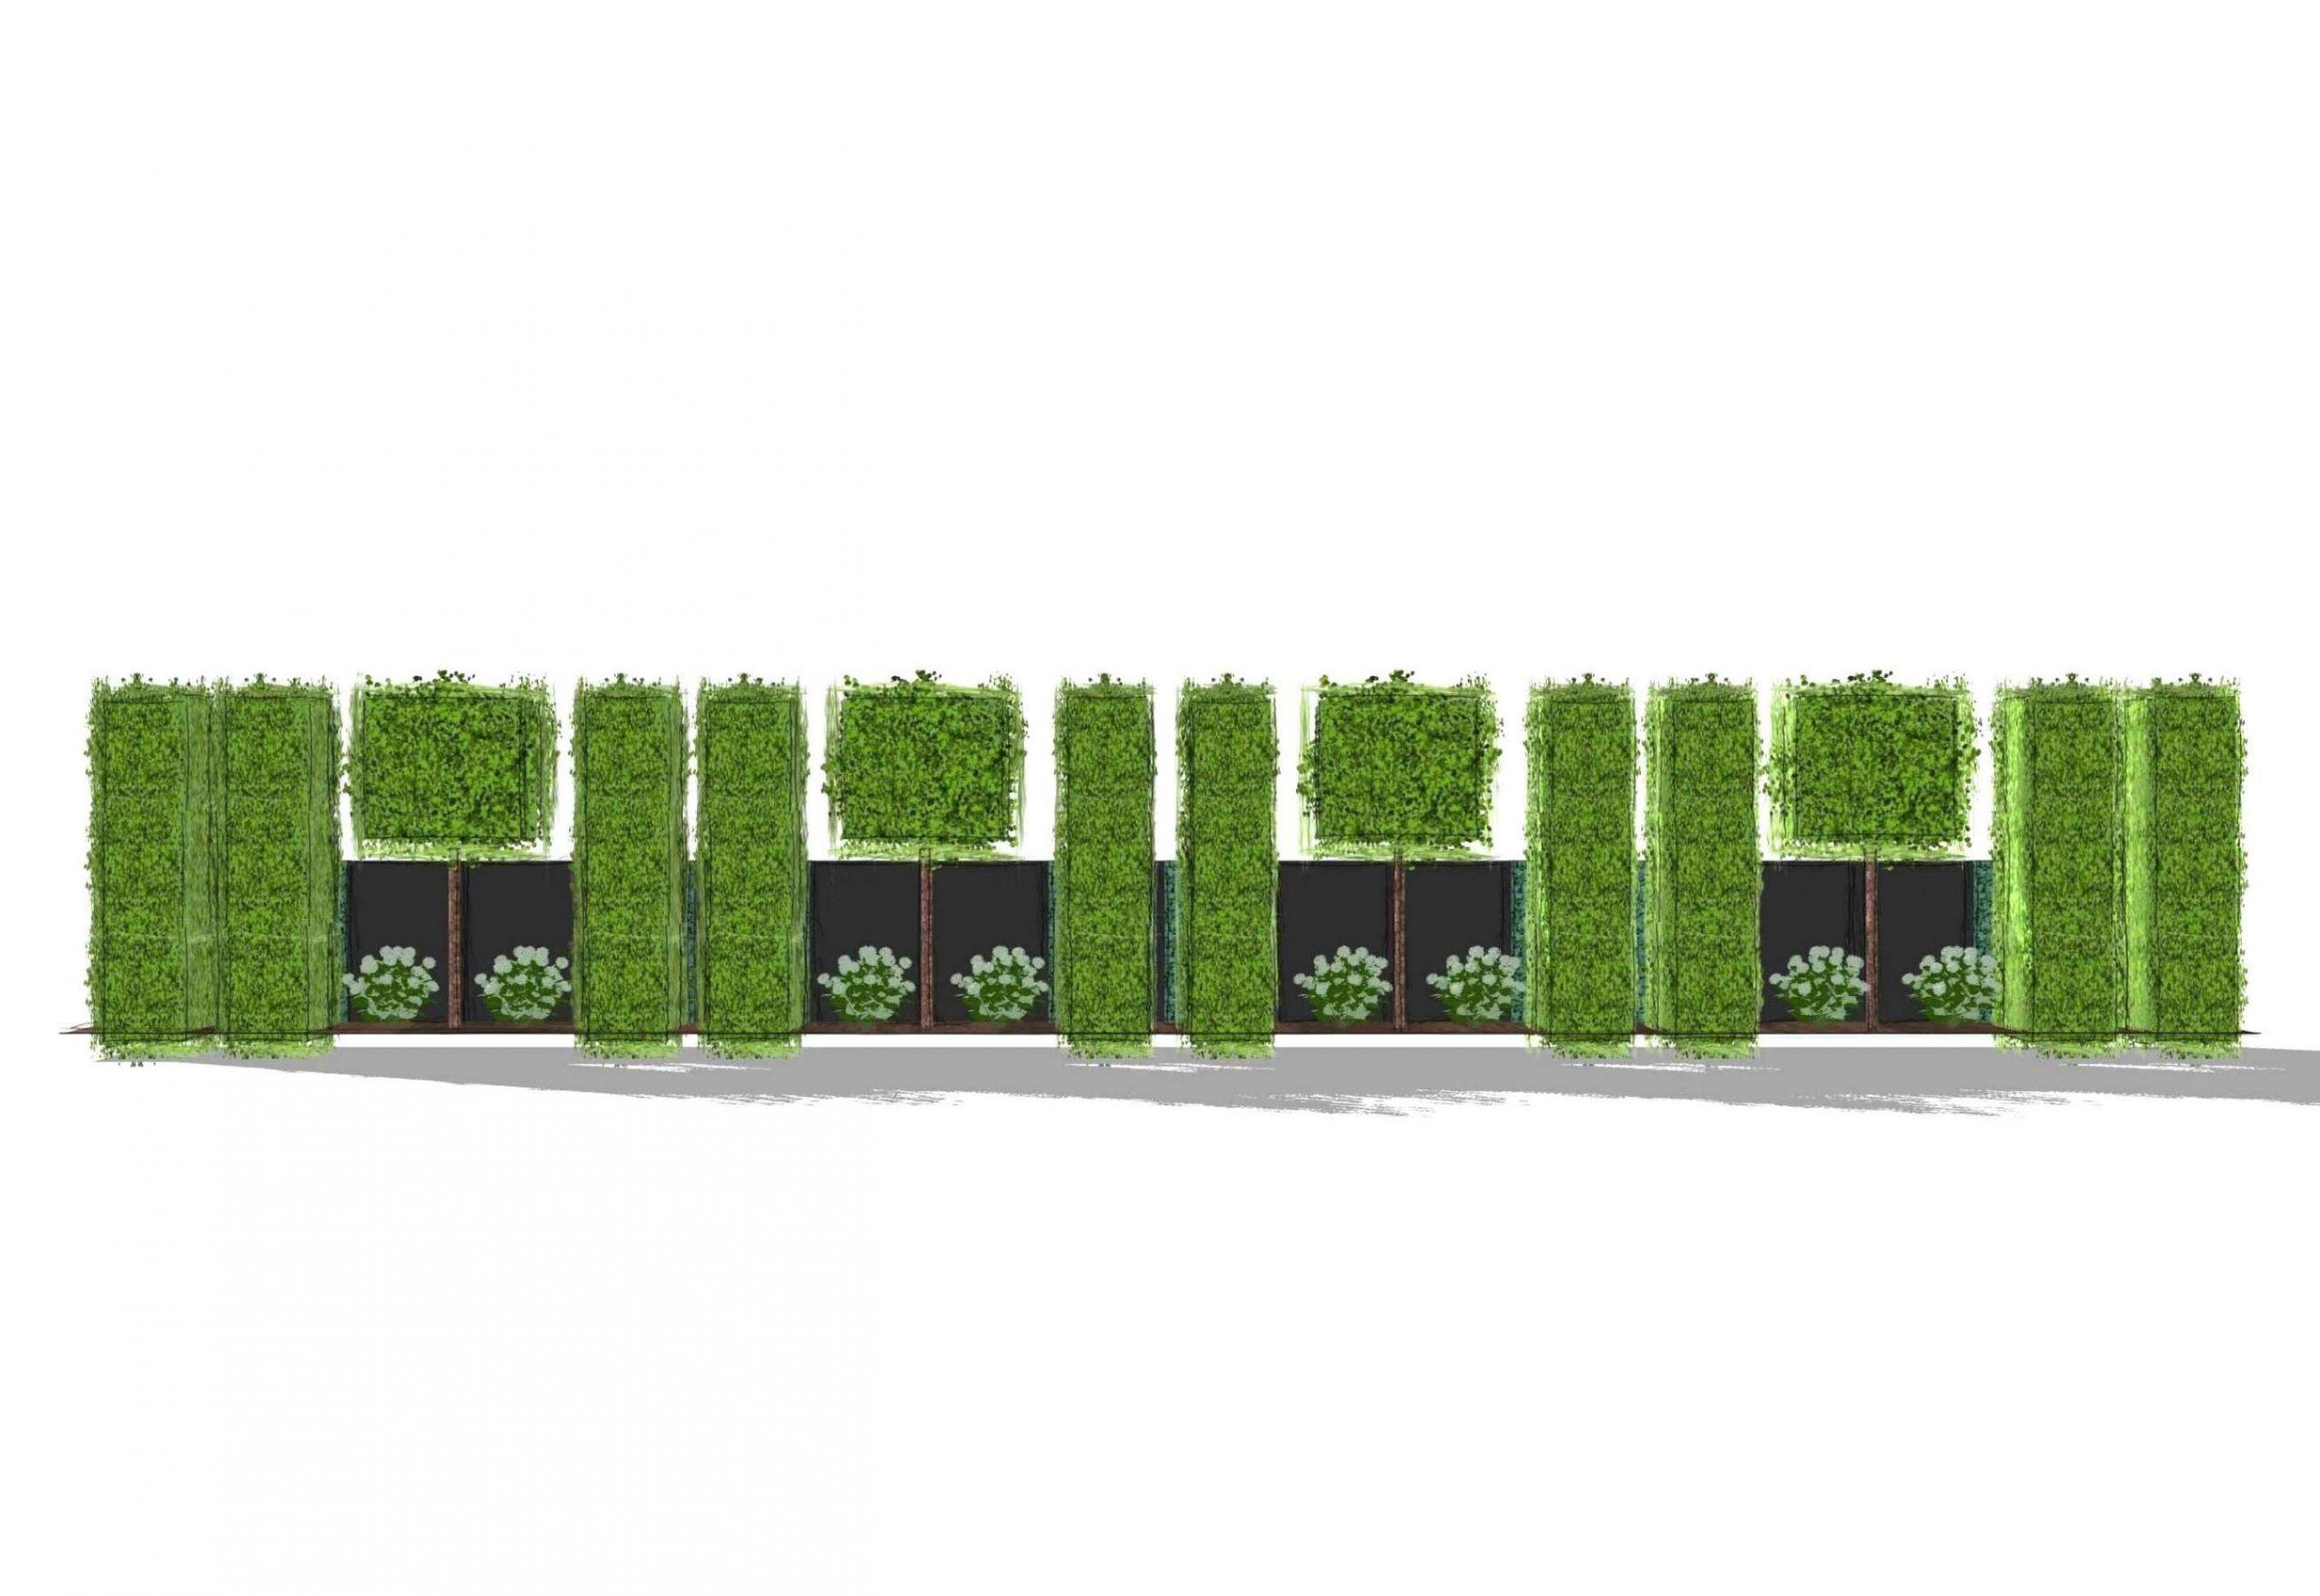 garten sichtschutz pflanzen schon sichtschutz garten terrasse beste pflanzen als sichtschutz terrasse pflanzen als sichtschutz terrasse